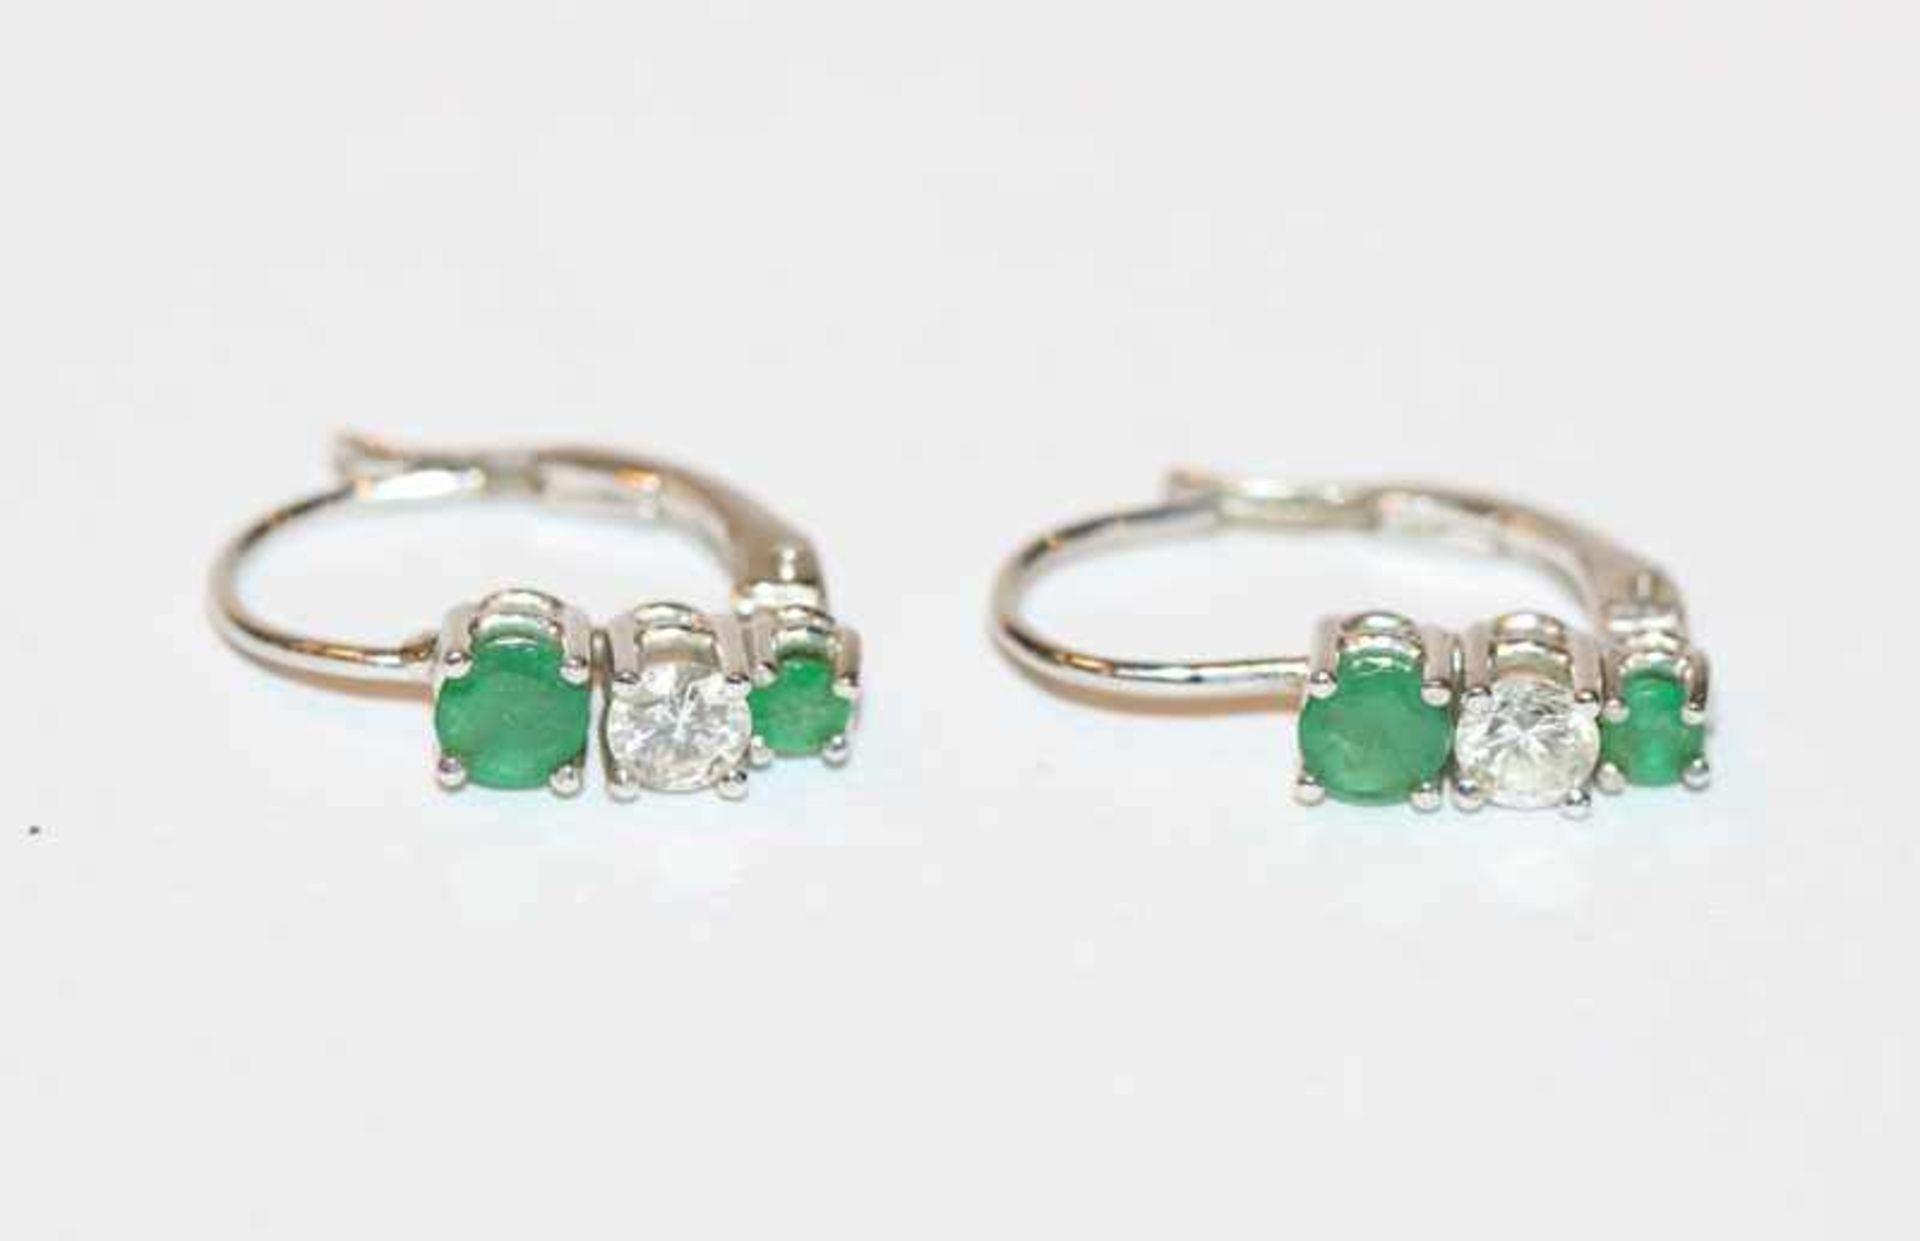 Los 11 - Paar 14 k Weißgold Ohrhänger mit je 2 Smaragden und einem Diamant, L 1,5 cm, klassische Handarbeit